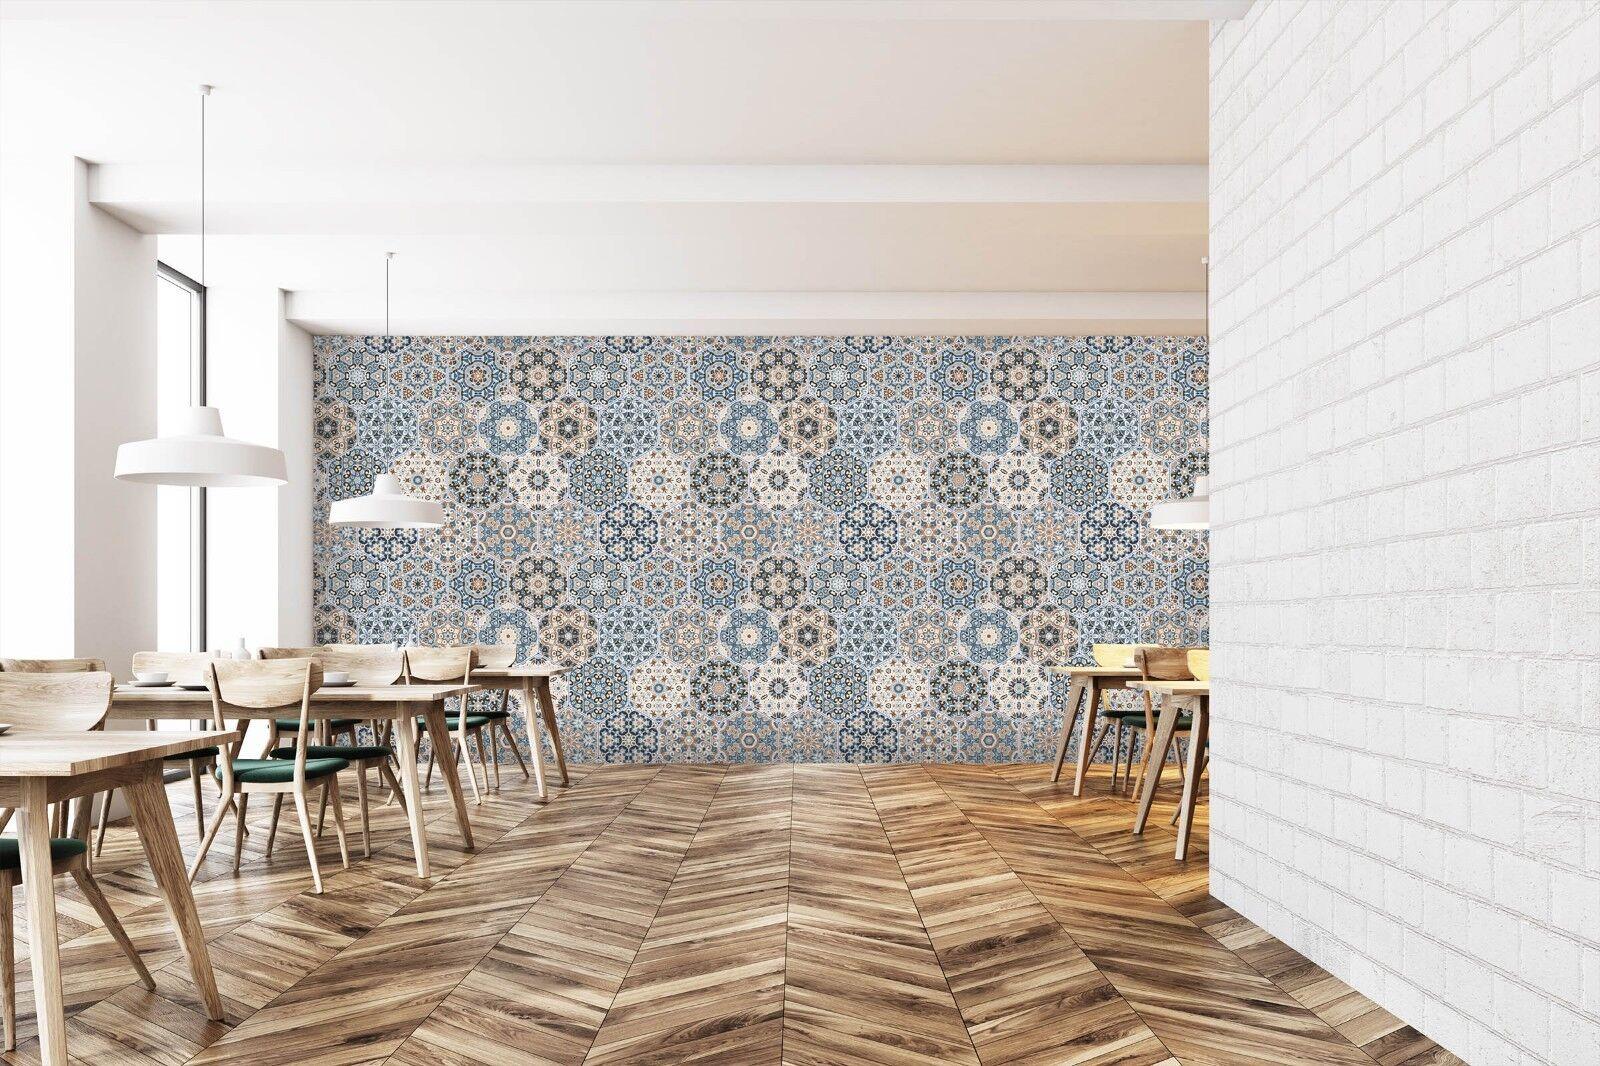 3D 3D 3D Round Flower Pattern 45 Texture Tiles Marble Wall Paper Decal Wallpaper Mural 196ecb